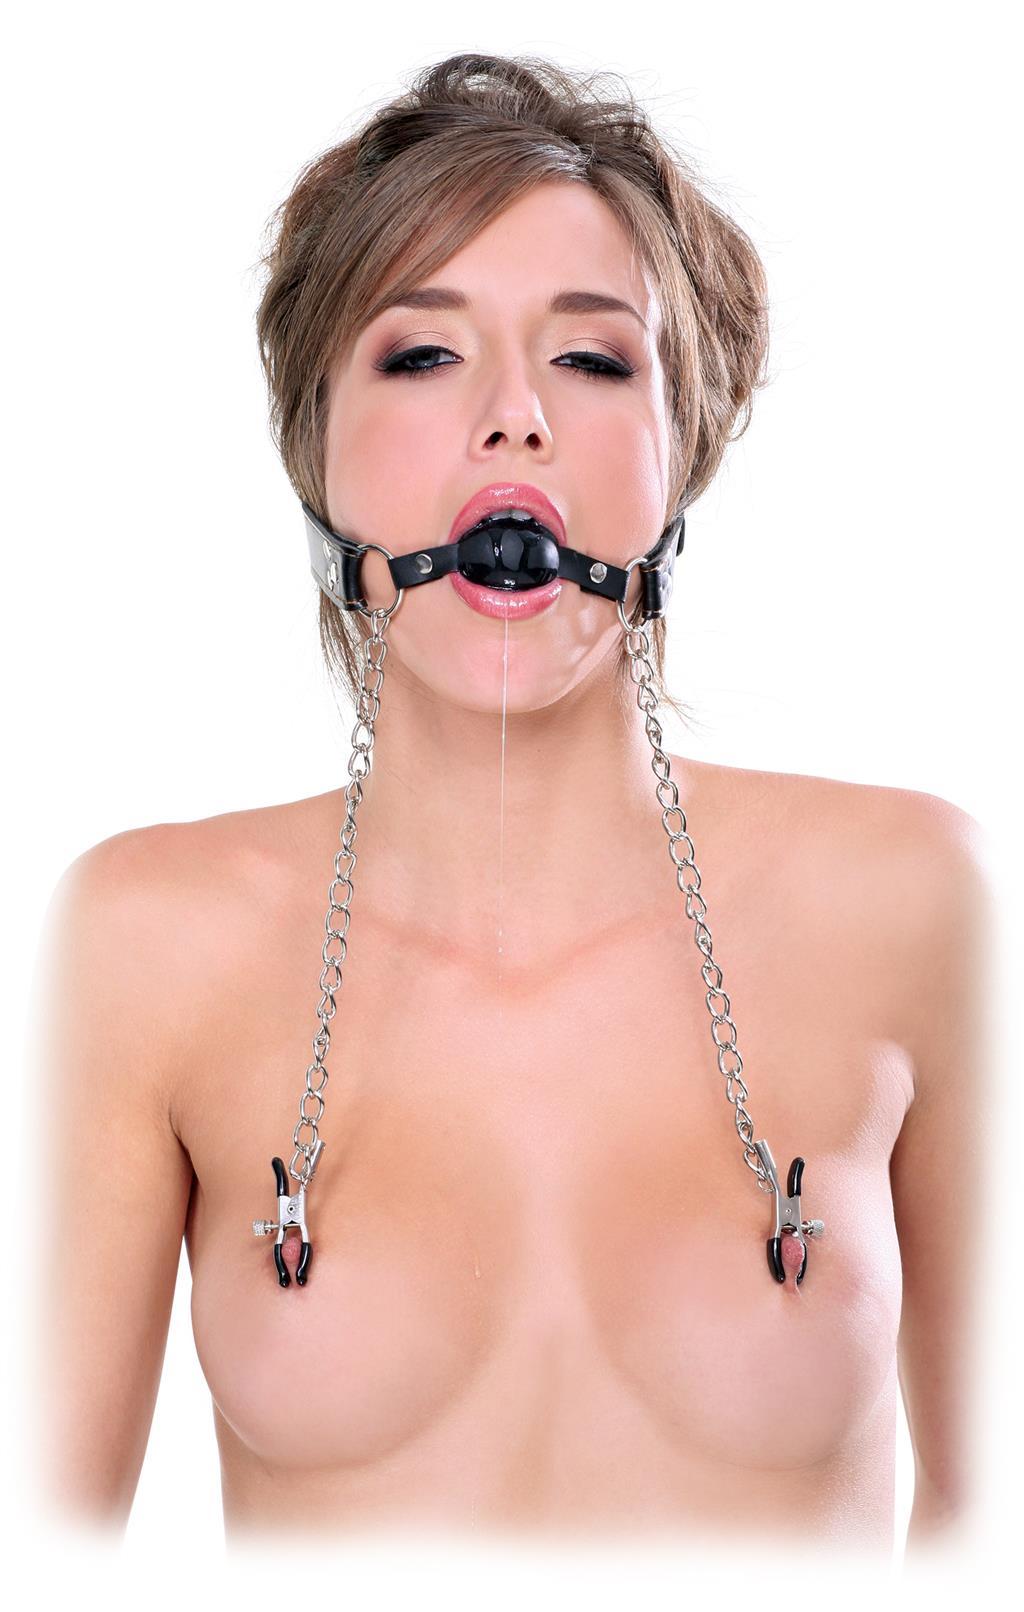 Кляп с цепью и зажимами для груди Deluxe Ball Gag and Nipple Clamps